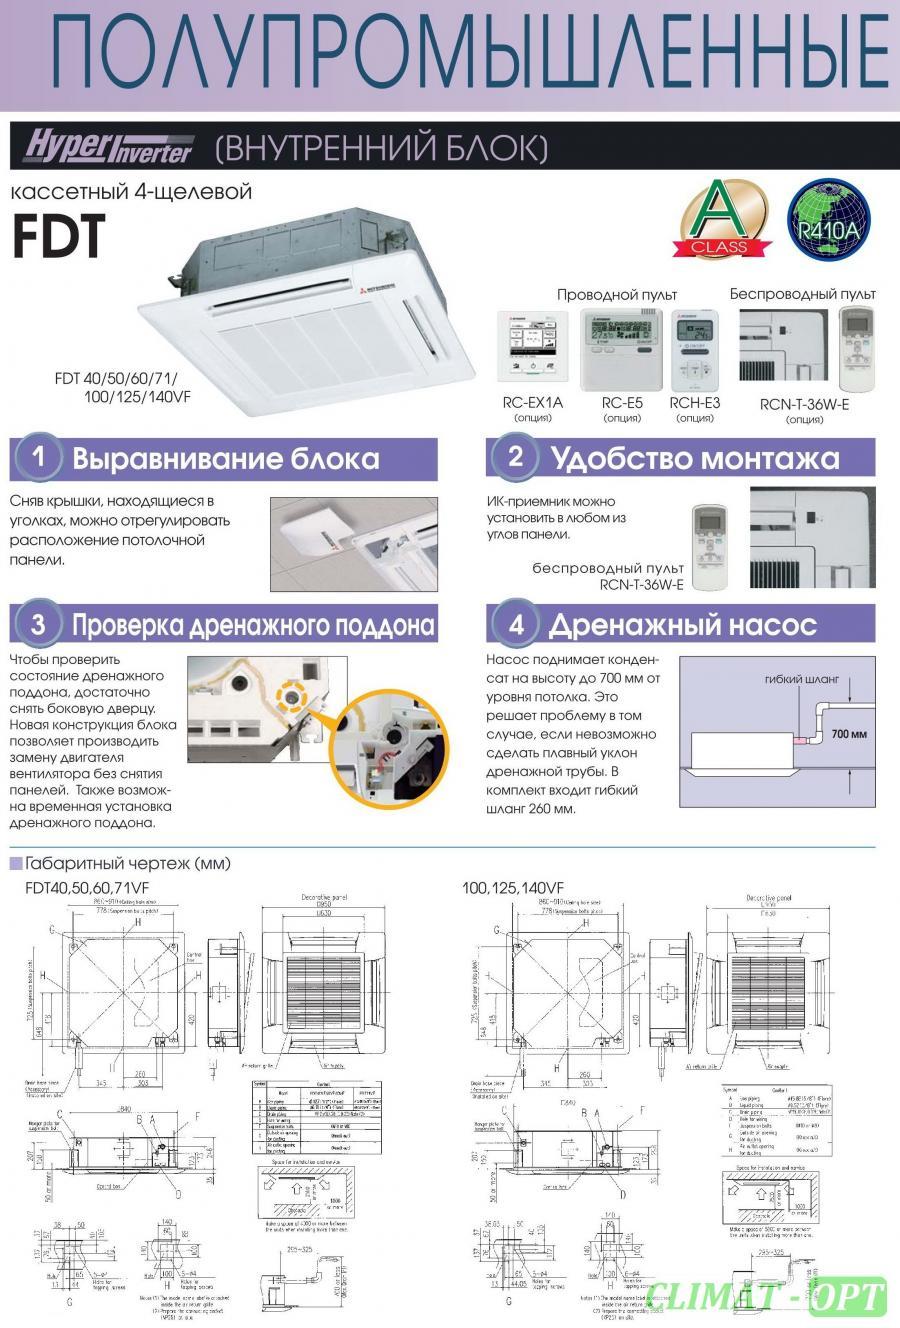 Кондиционер кассетного типа Mitsubishi Heavy Industries FDT_ZJXVF Inverter